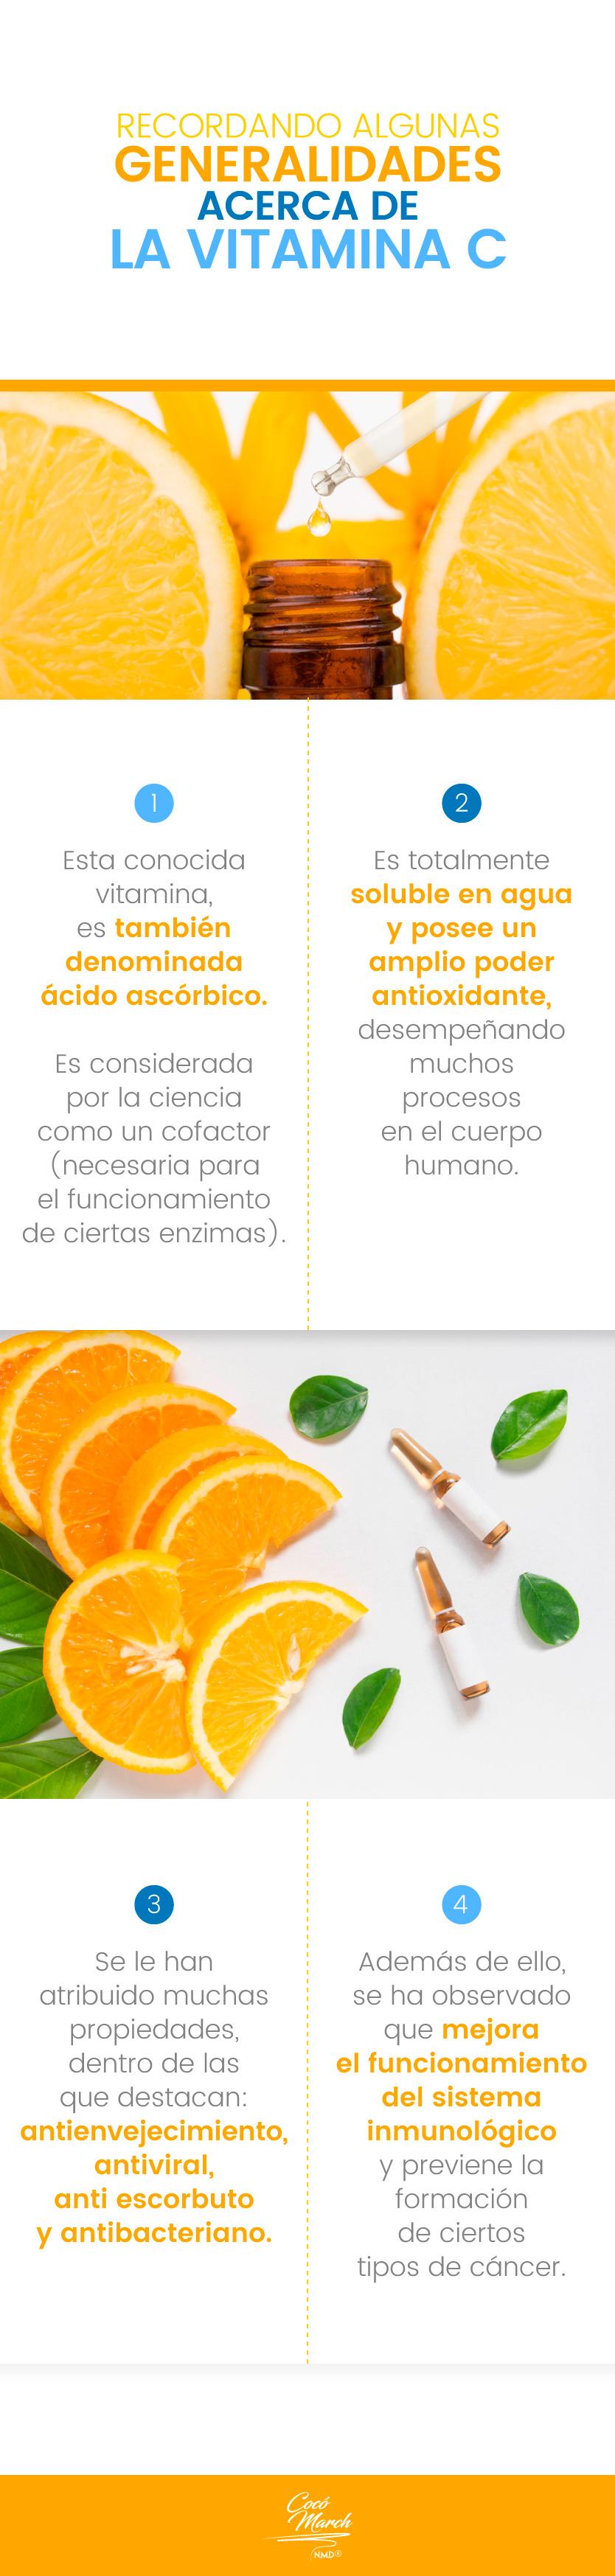 generalidades-sobre-la-vitamina-c